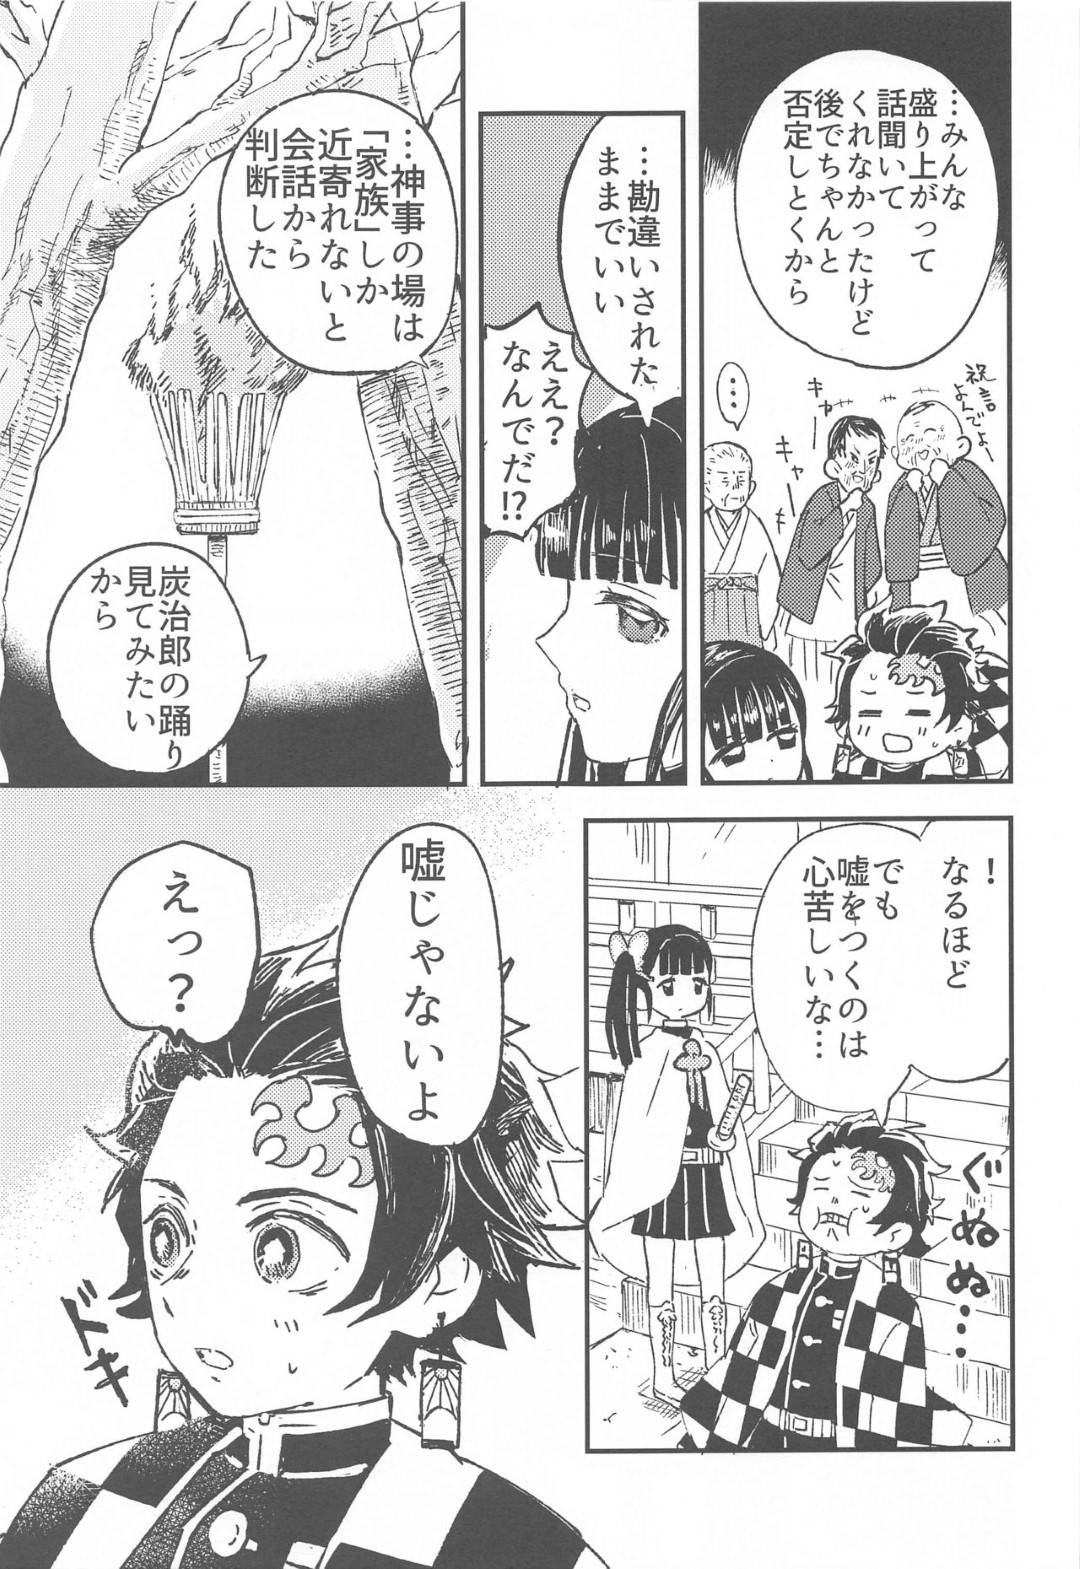 【鬼滅の刃エロ漫画】代々神楽を踊った炭治郎は、神事を完成させる為にカナヲとイチャラブ中出しセックス【水菓子】